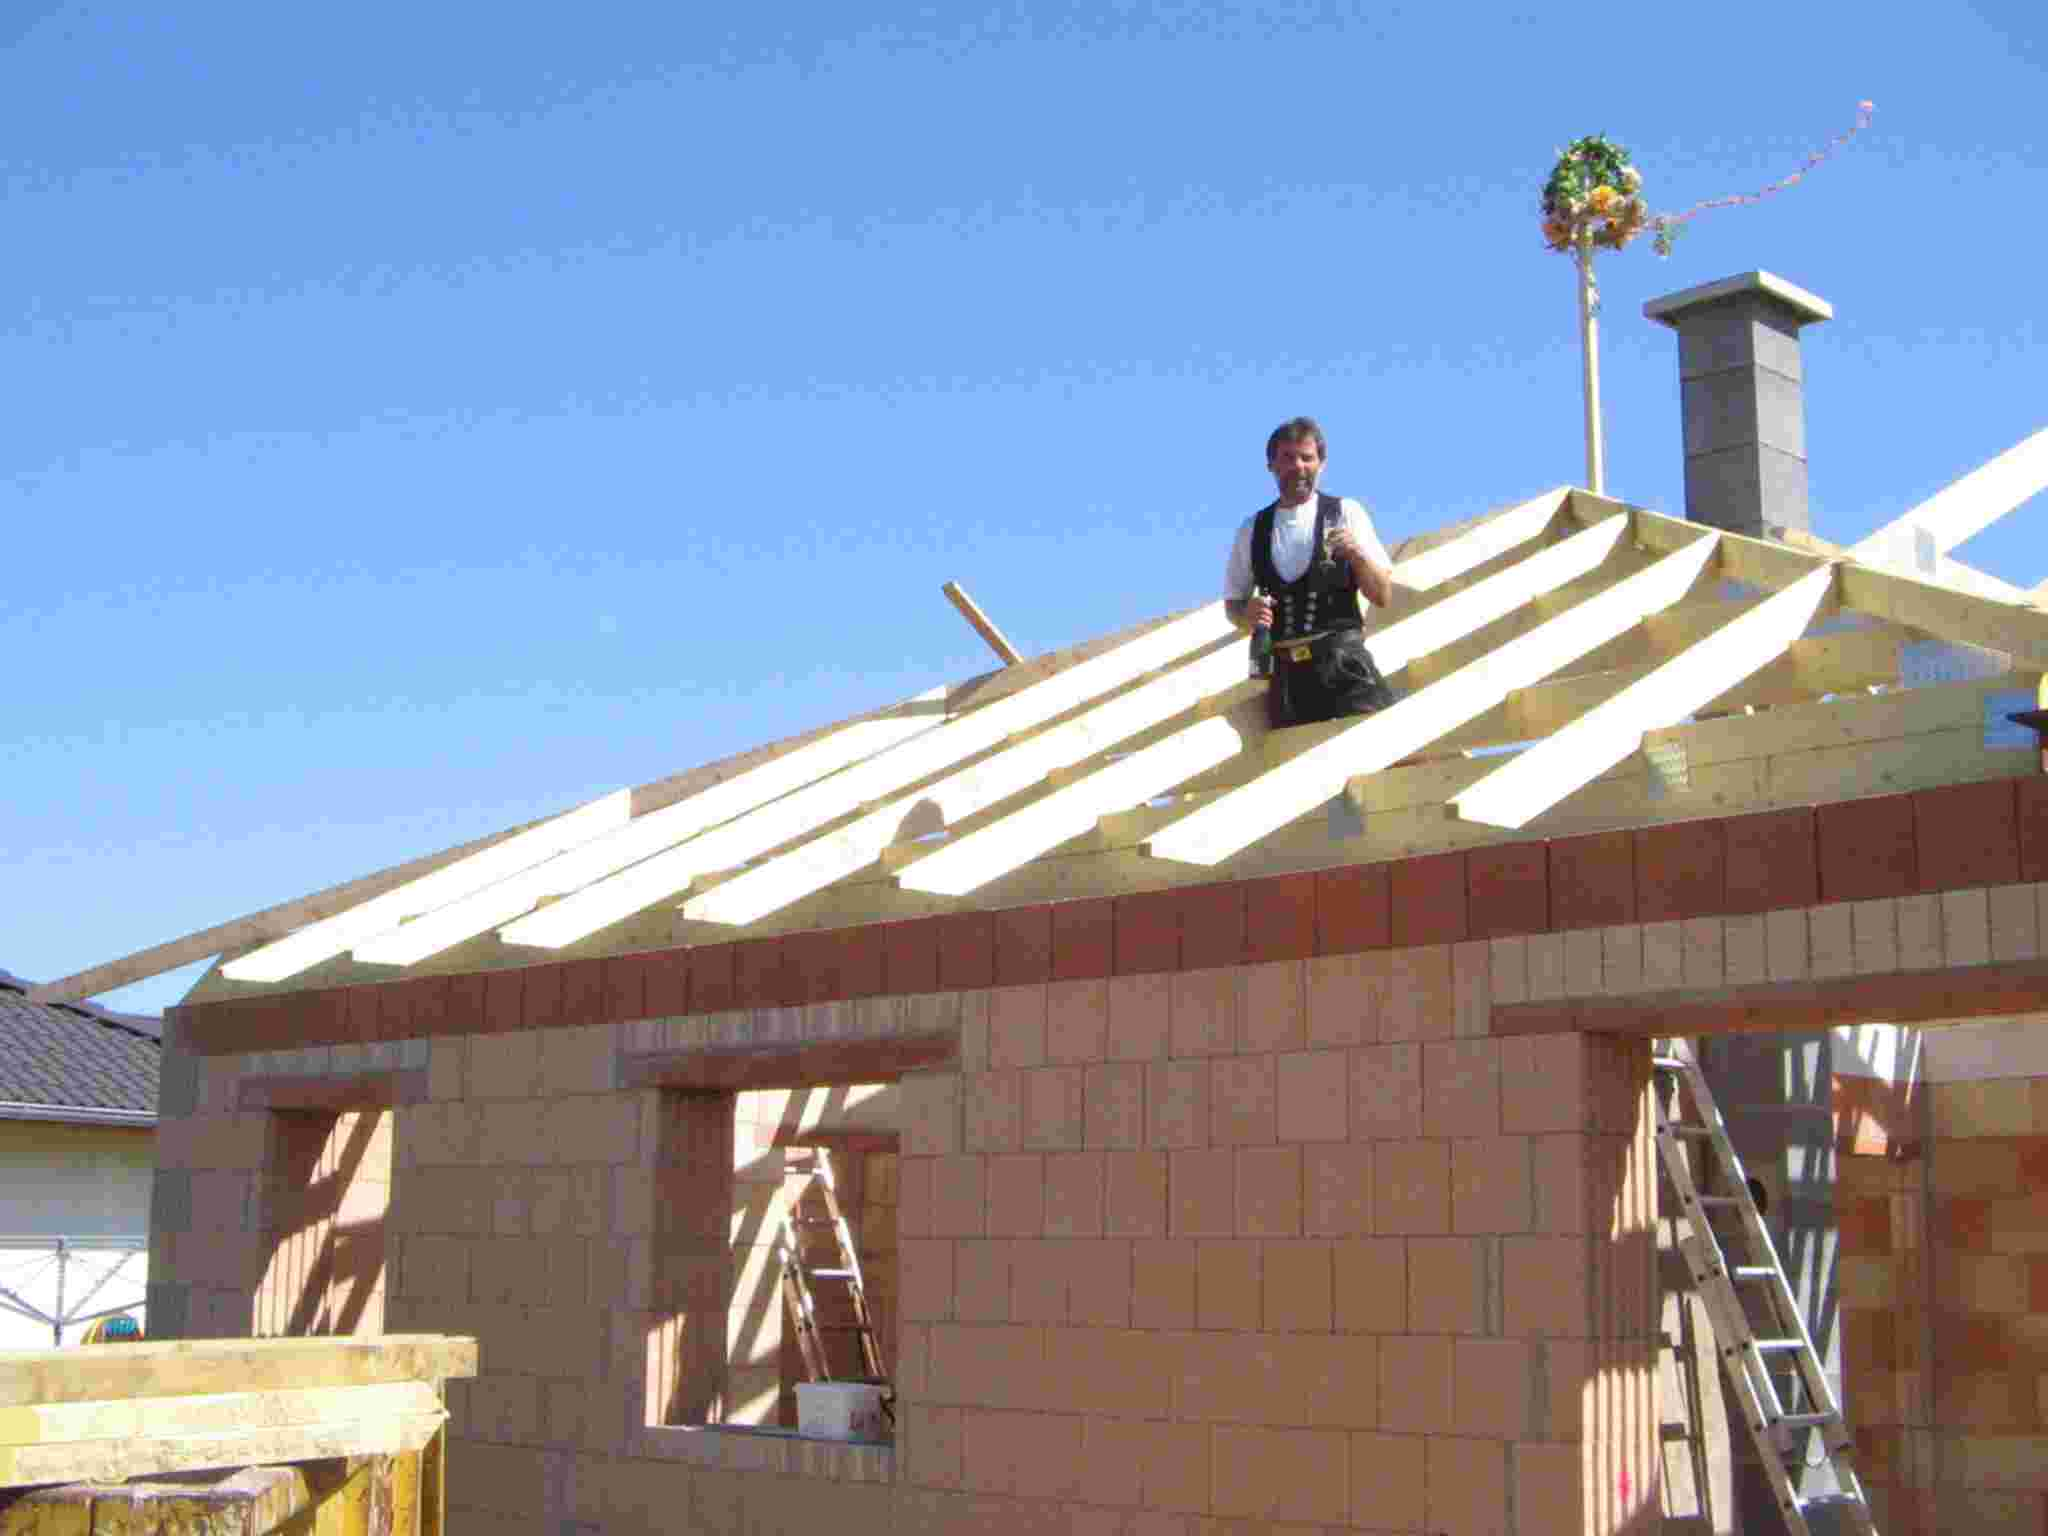 Csok remelked s zsebremegy hu for Como hacer el techo de una casa